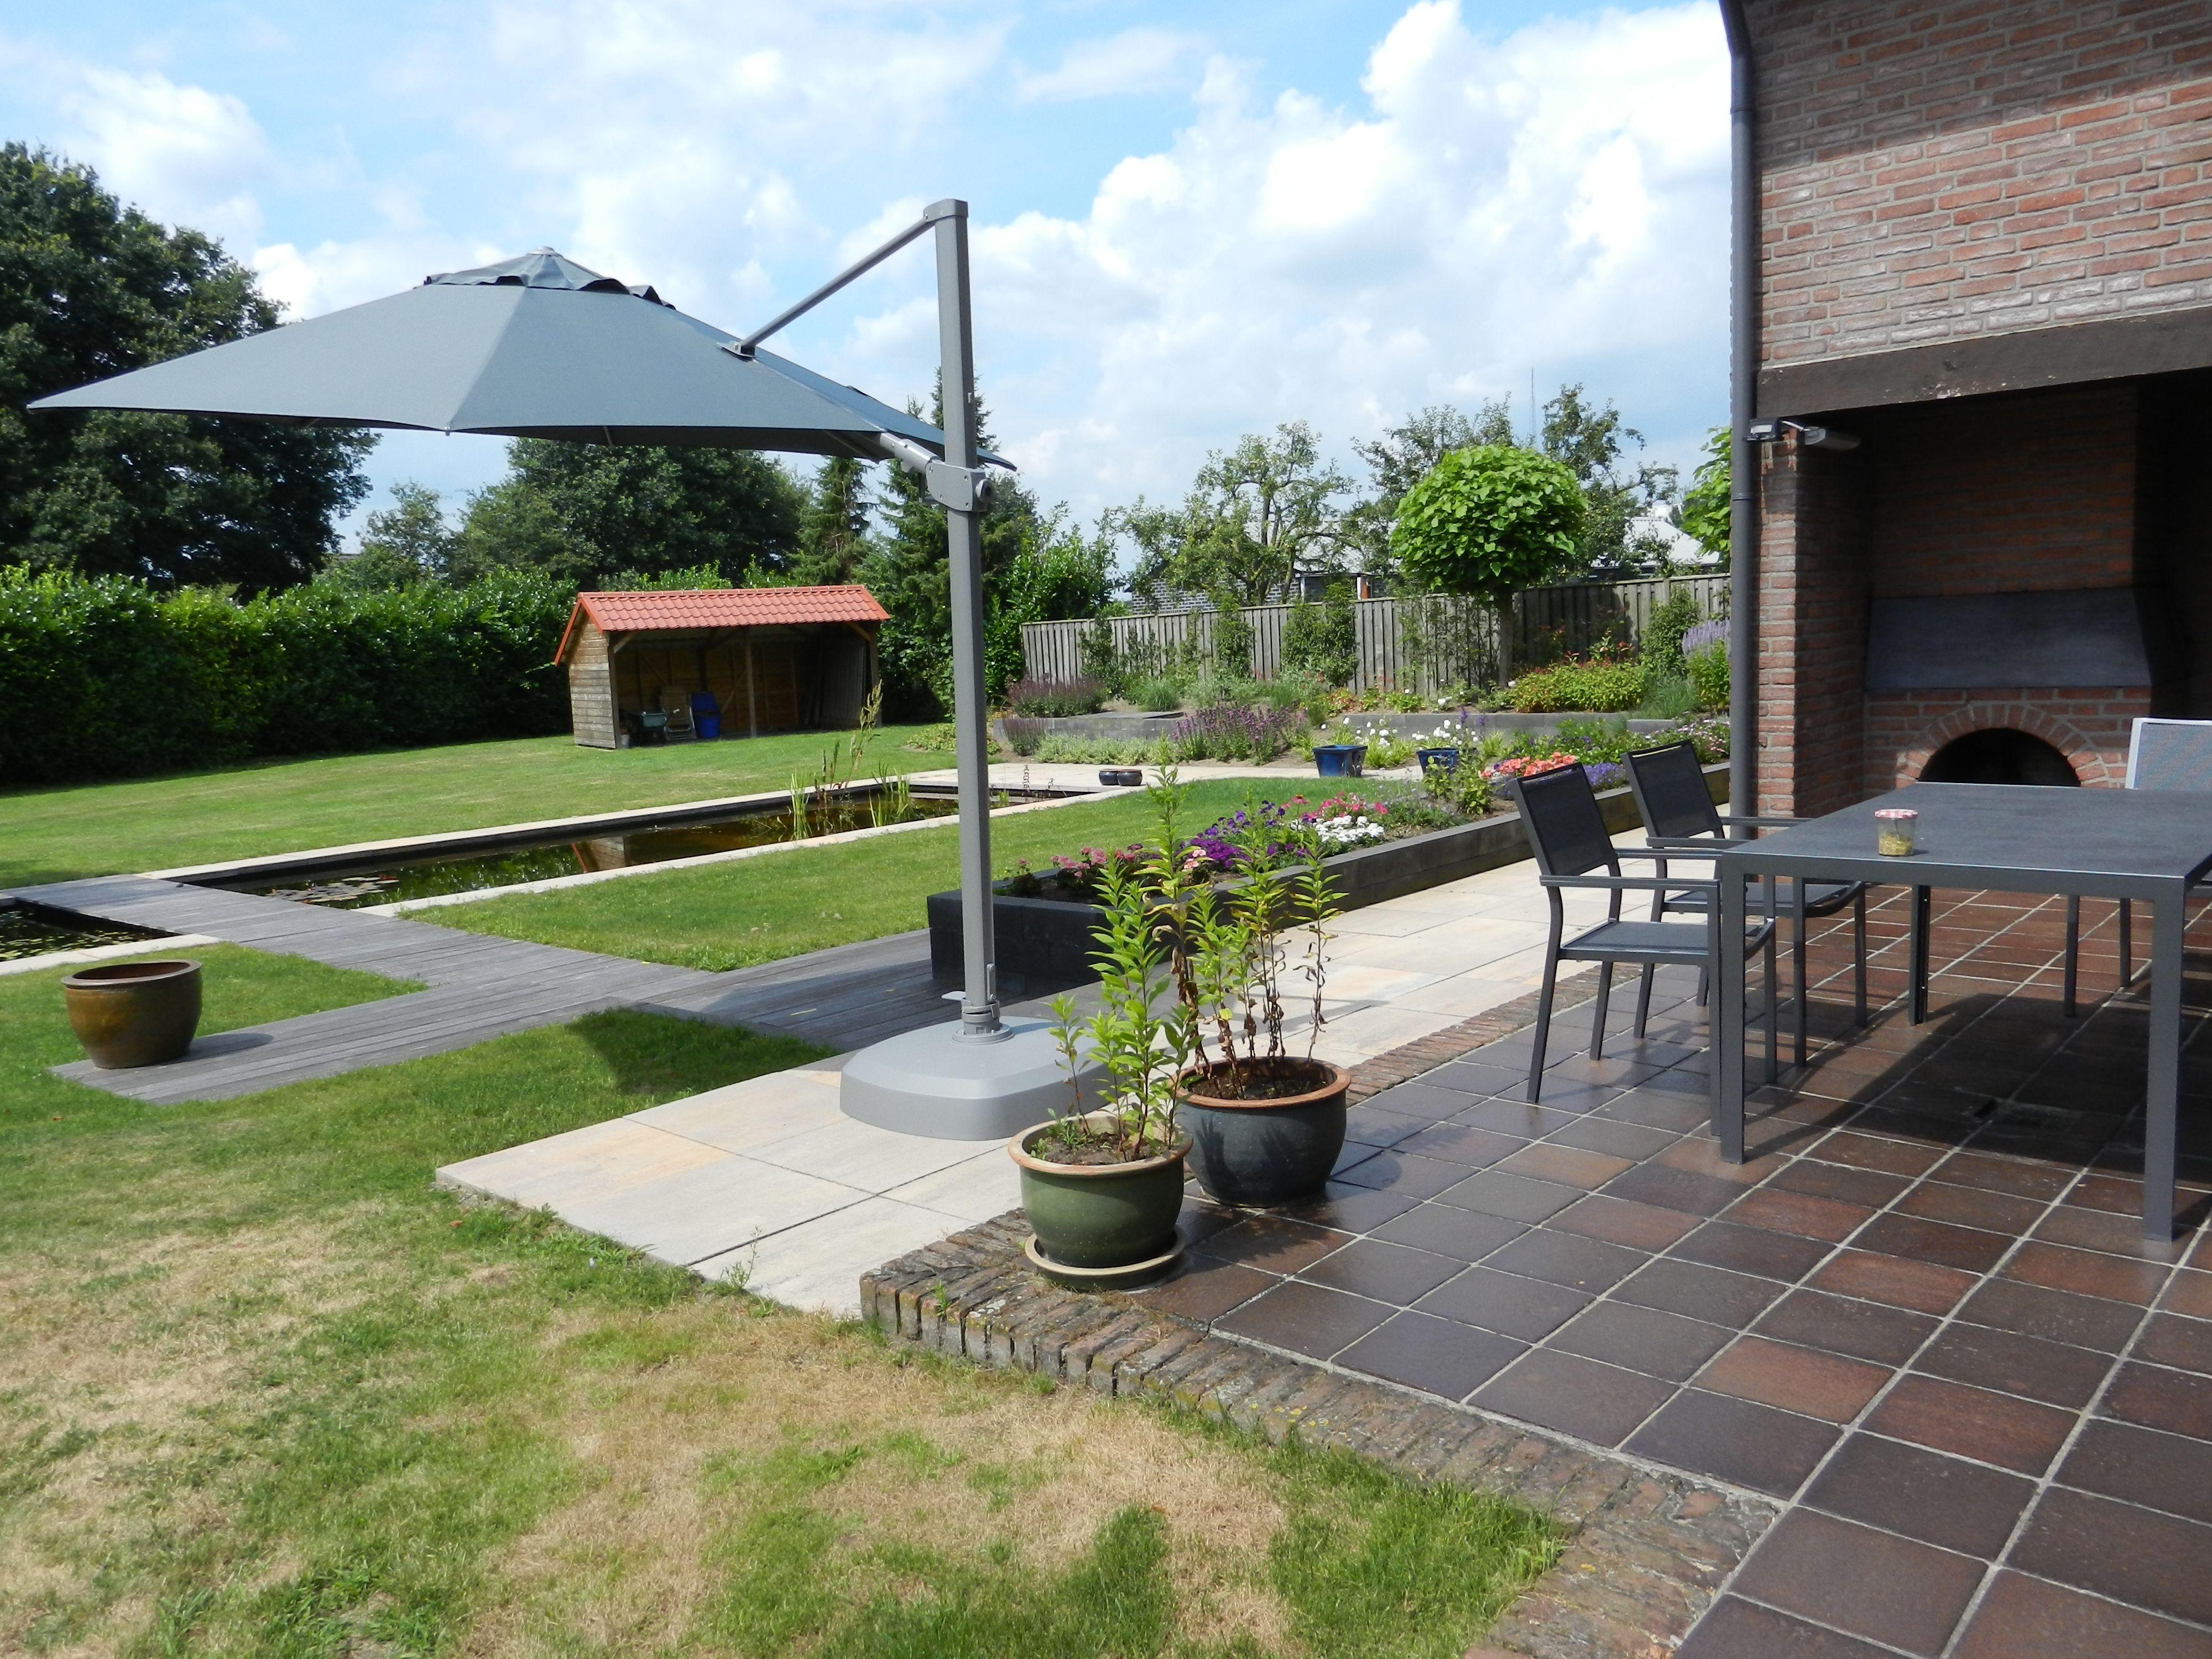 Zweefparasol met luxe uitstraling voor moderne tuin parasol inspiratie kees smit - Kees smit gartenmobel ...